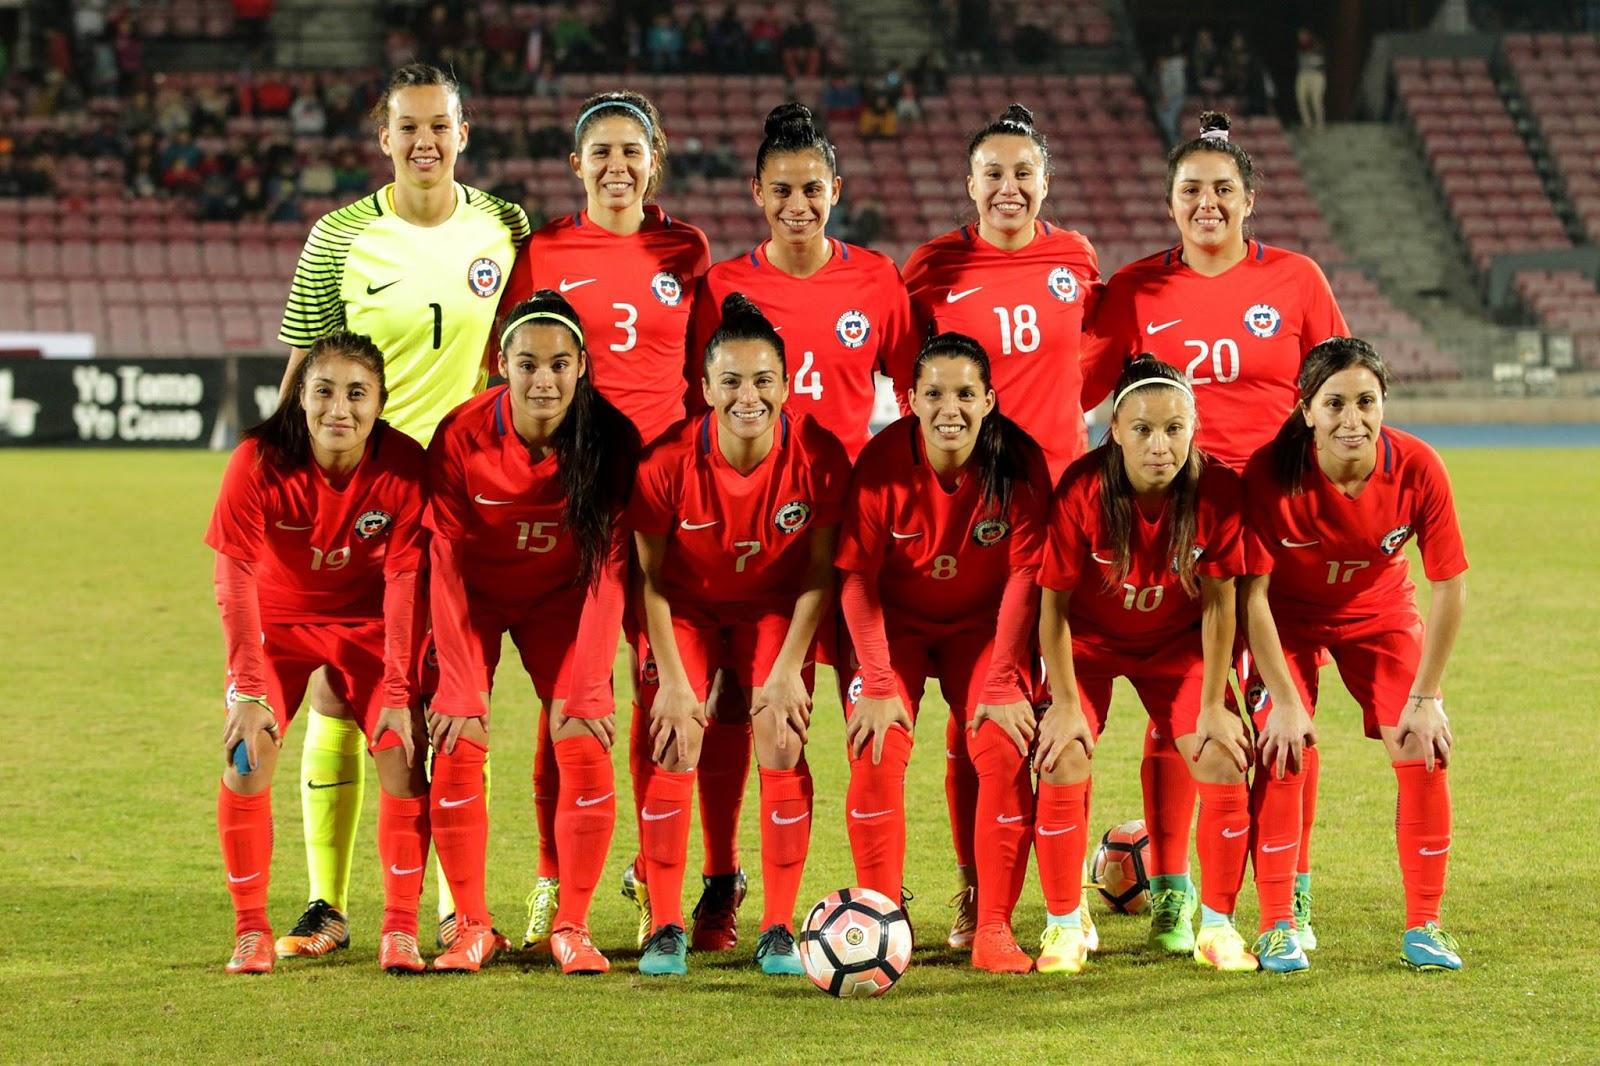 Formación de selección femenina de Chile ante Perú, amistoso disputado el 28 de mayo de 2017